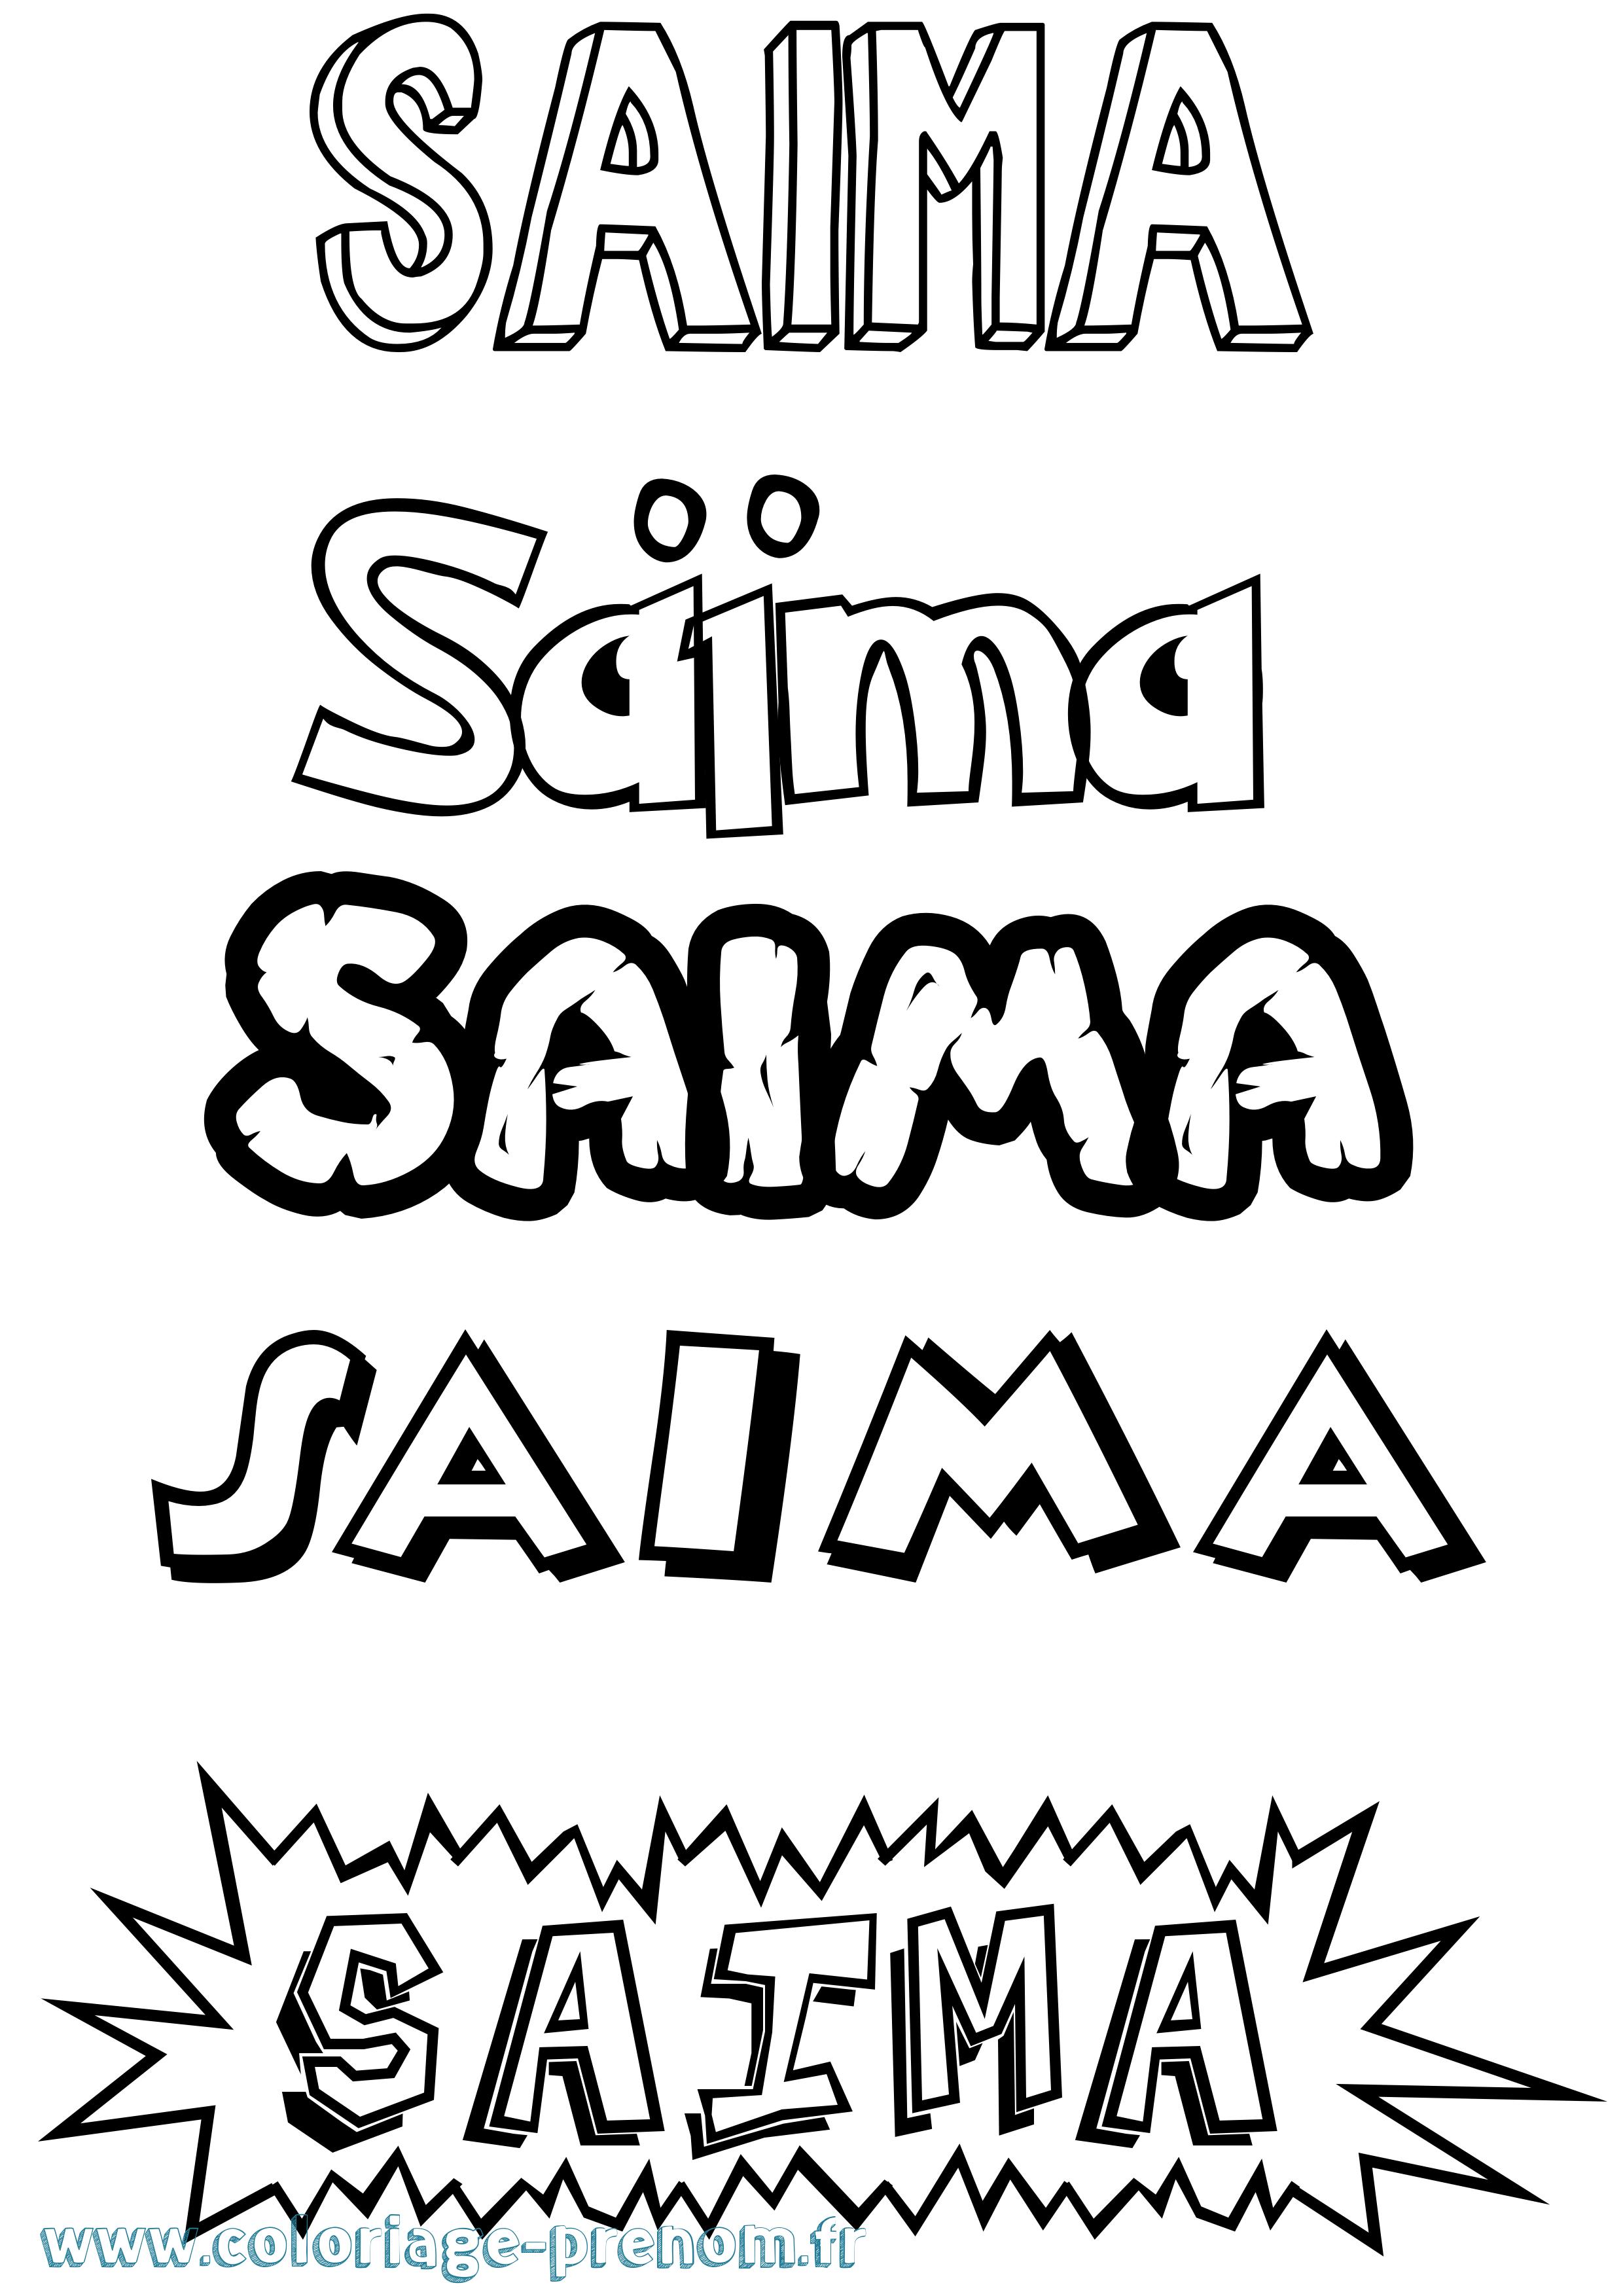 coloriage du pr nom sa ma imprimer ou t l charger facilement Sai Maa Lakshmi Devi coloriage dessin anim